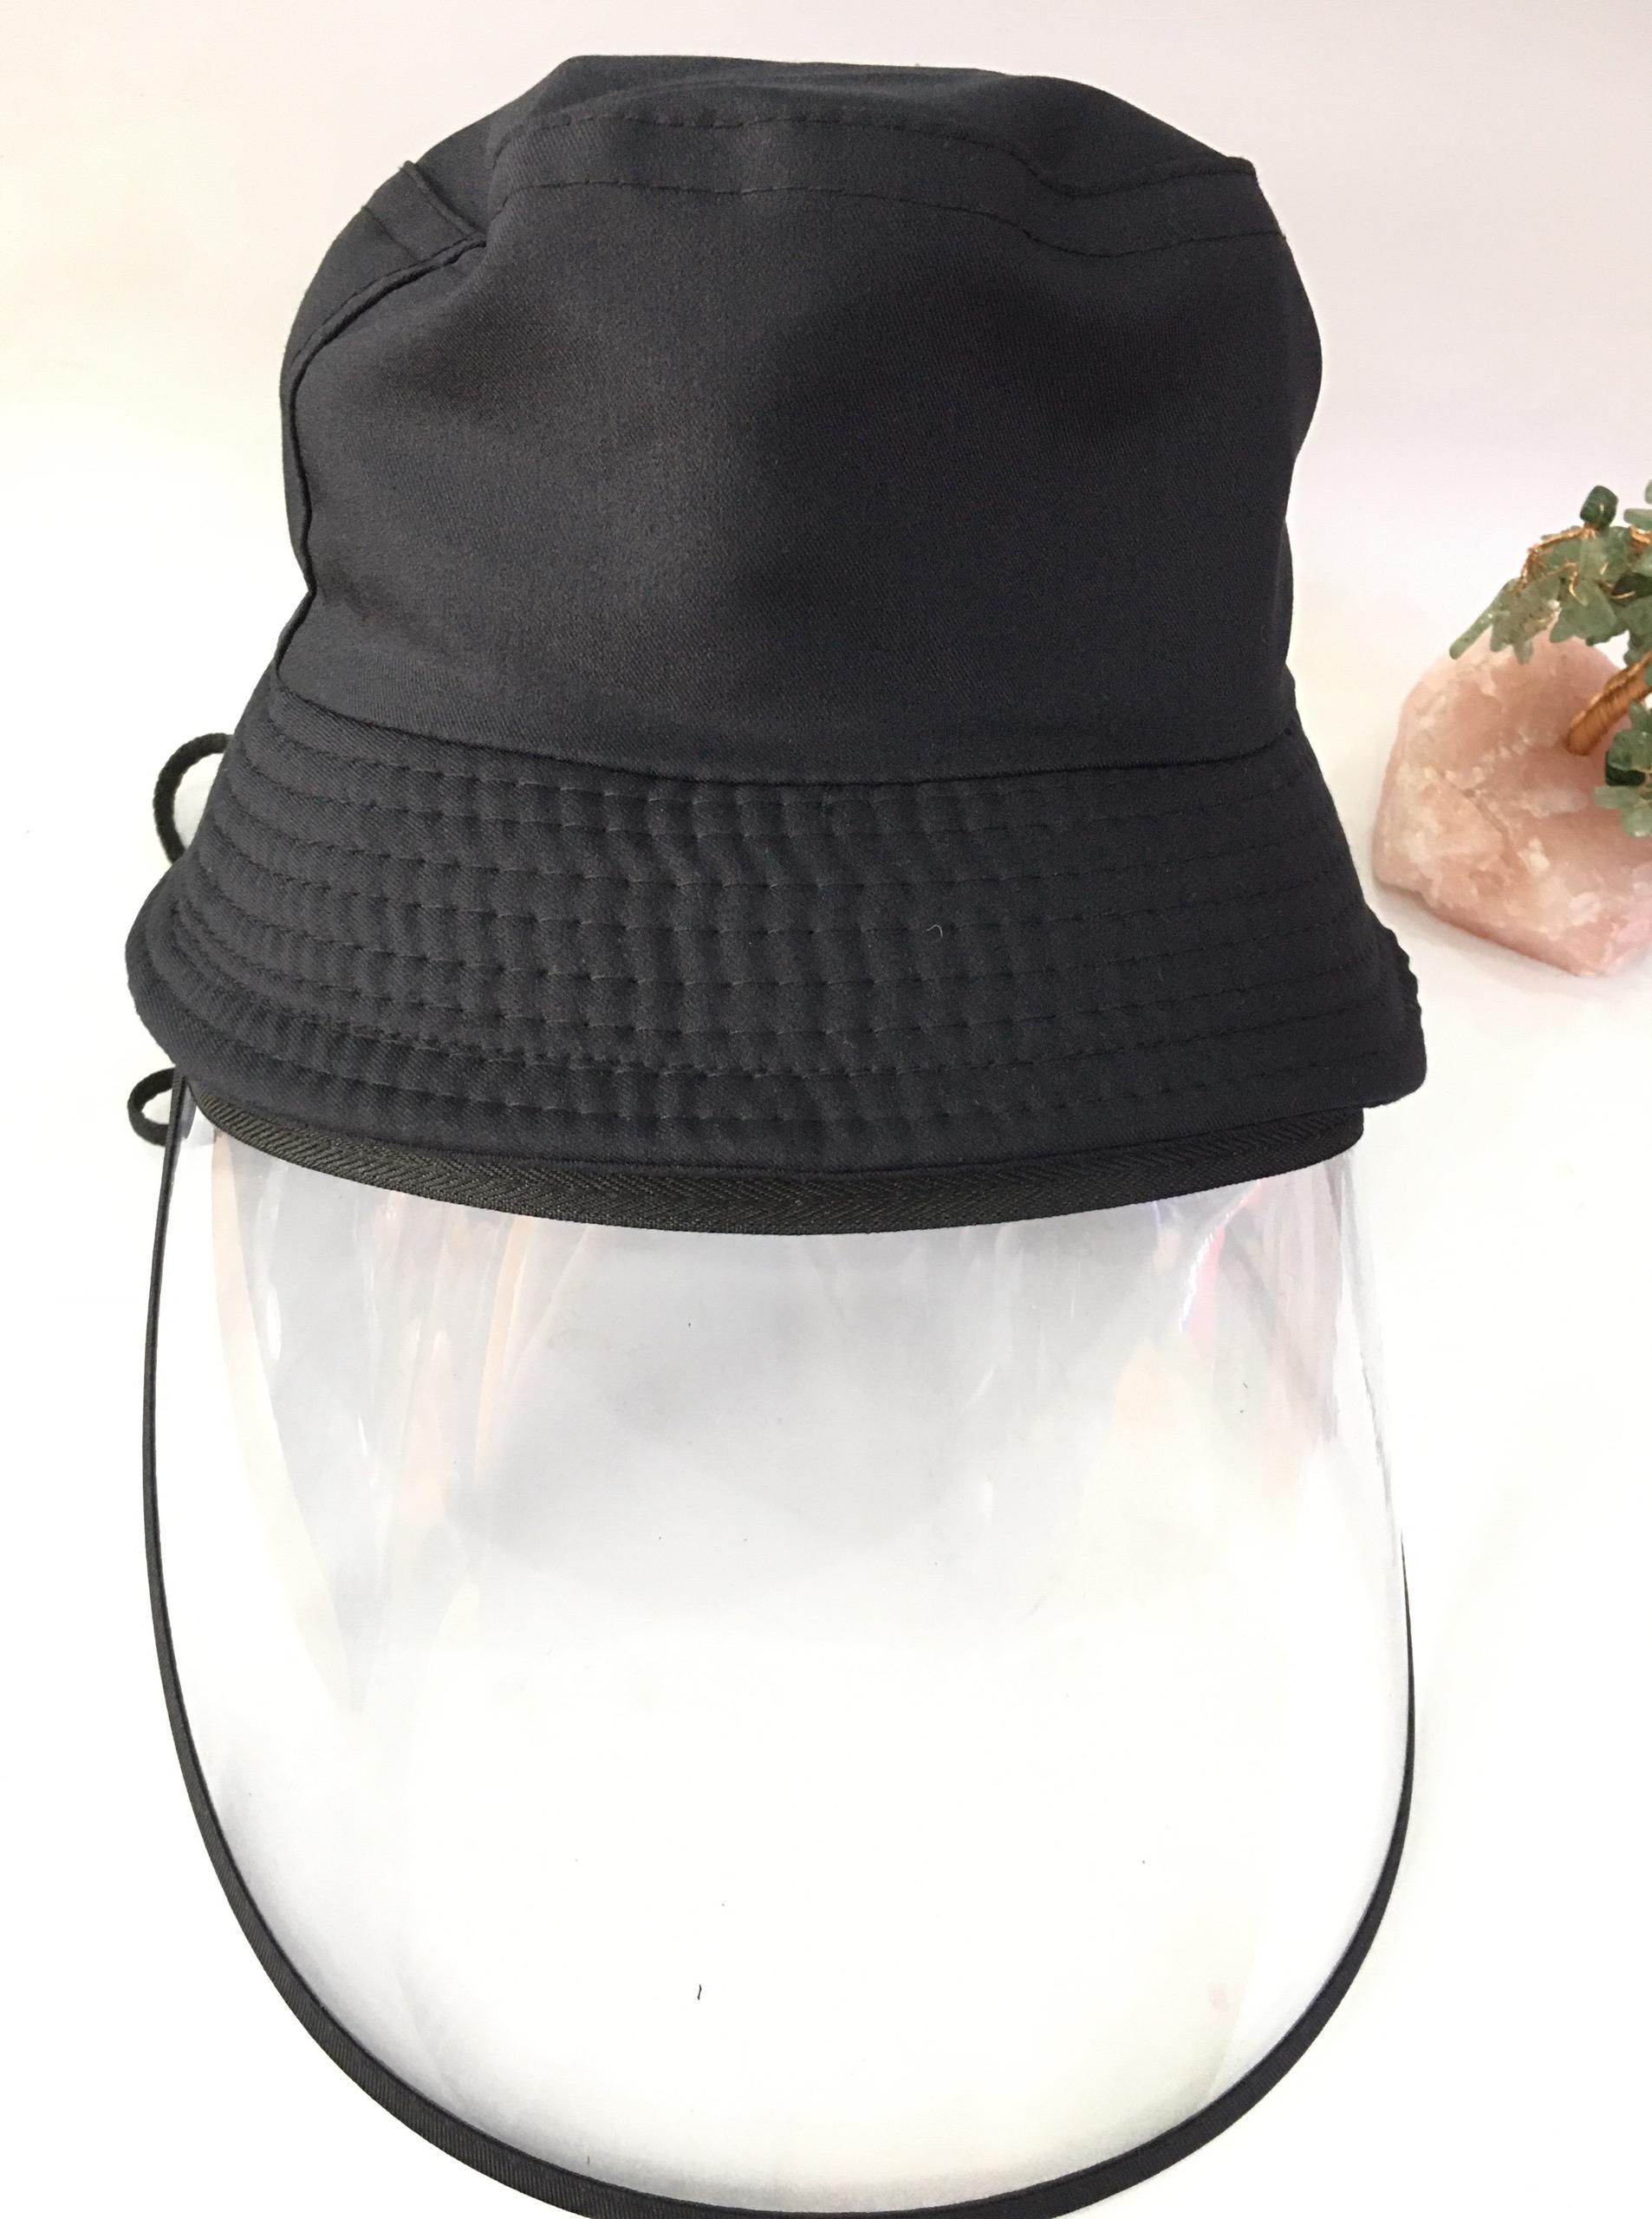 Combo 10 cái Nón vải có kính nhựa bảo vệ mắt chống giọt bắn, khói bụi - nhiều màu